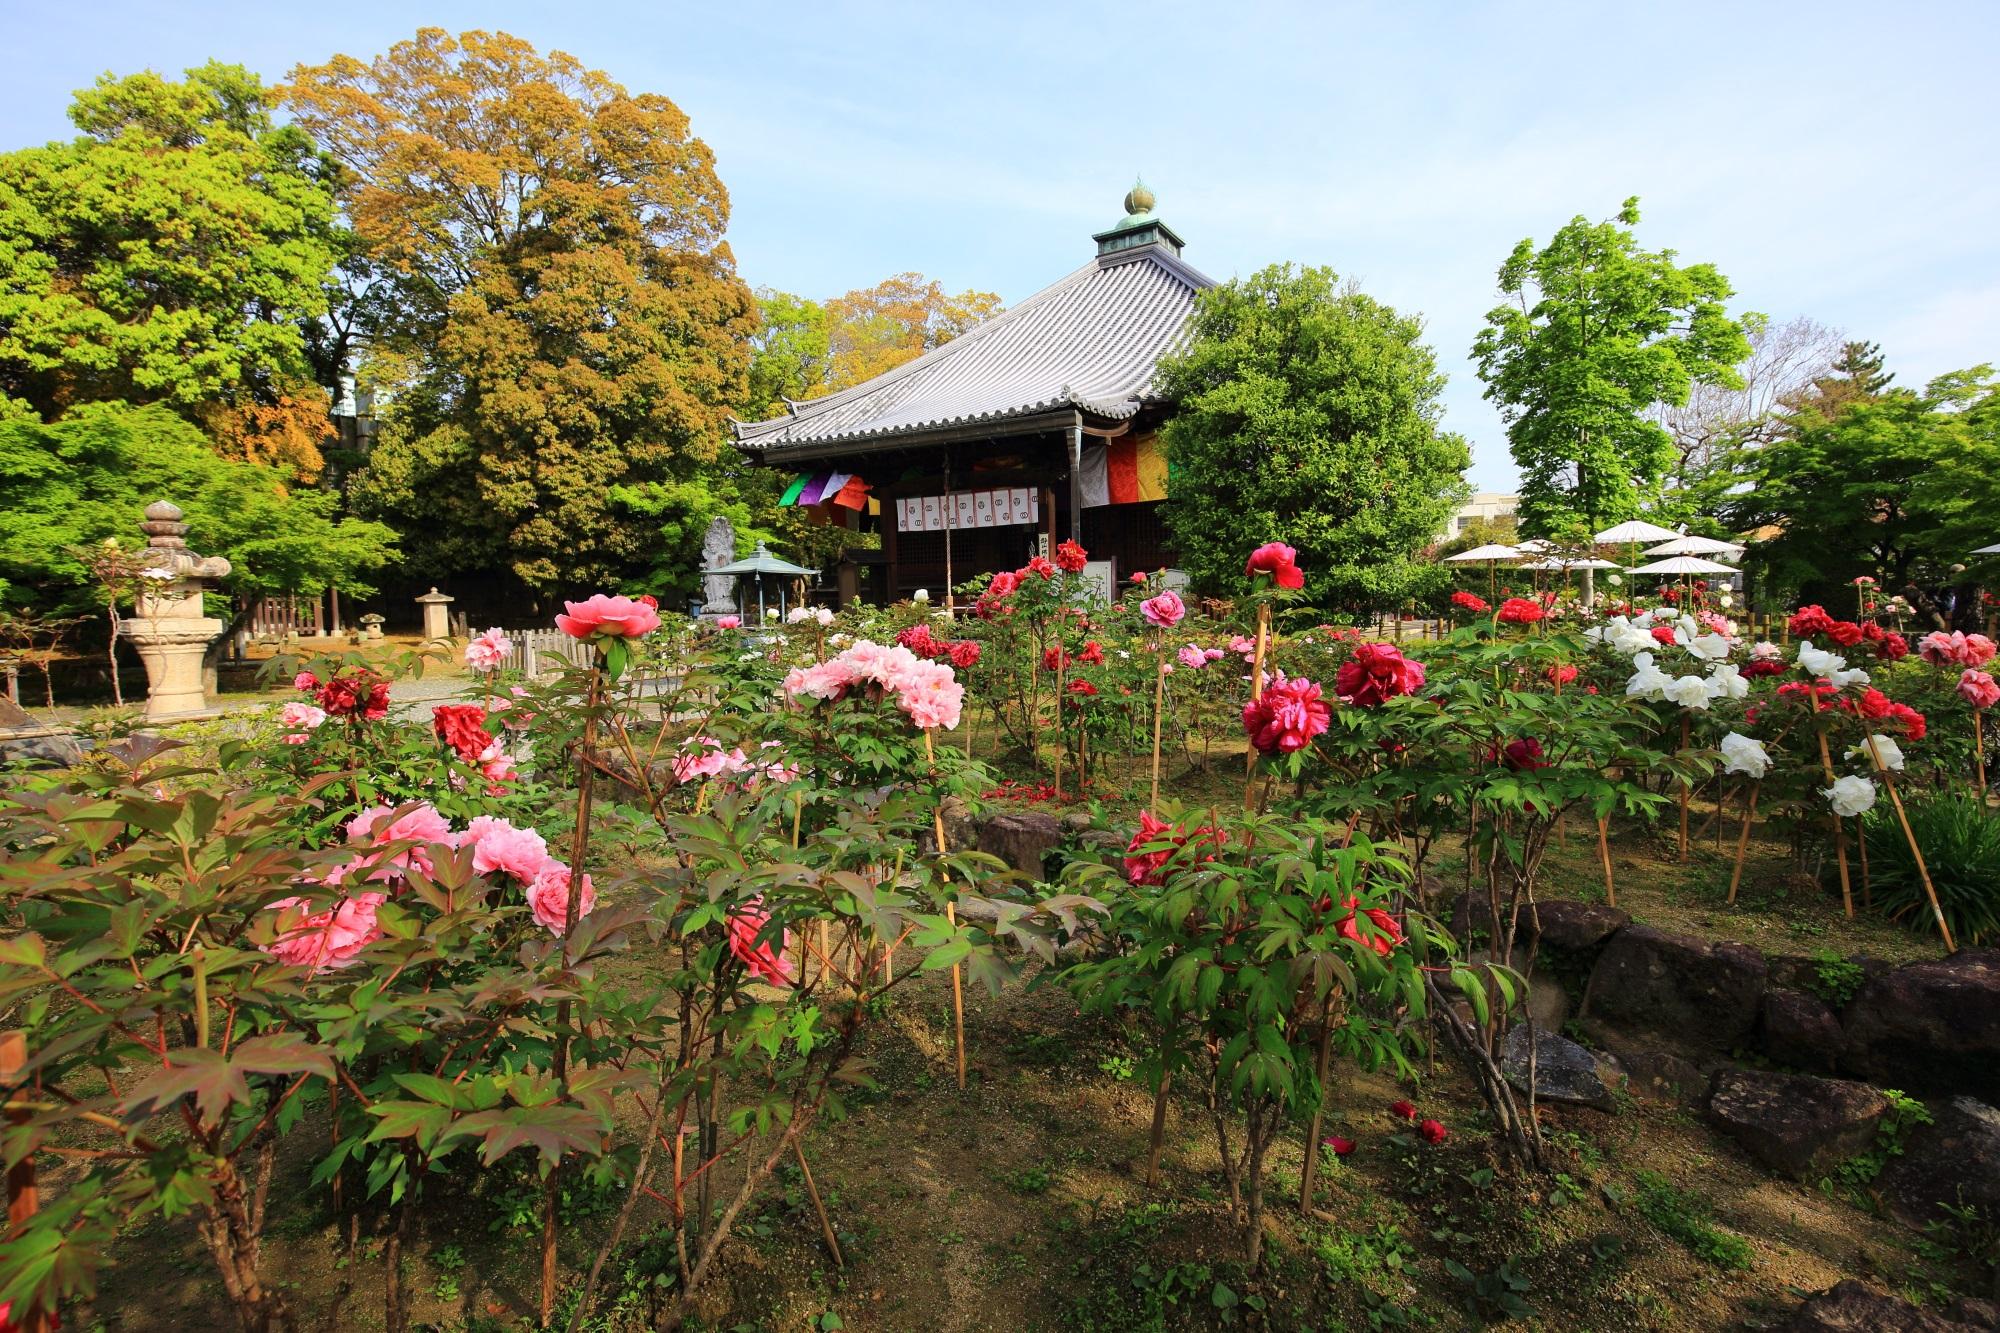 色とりどりの牡丹の花につつまれた春の乙訓寺(おとくにでら)